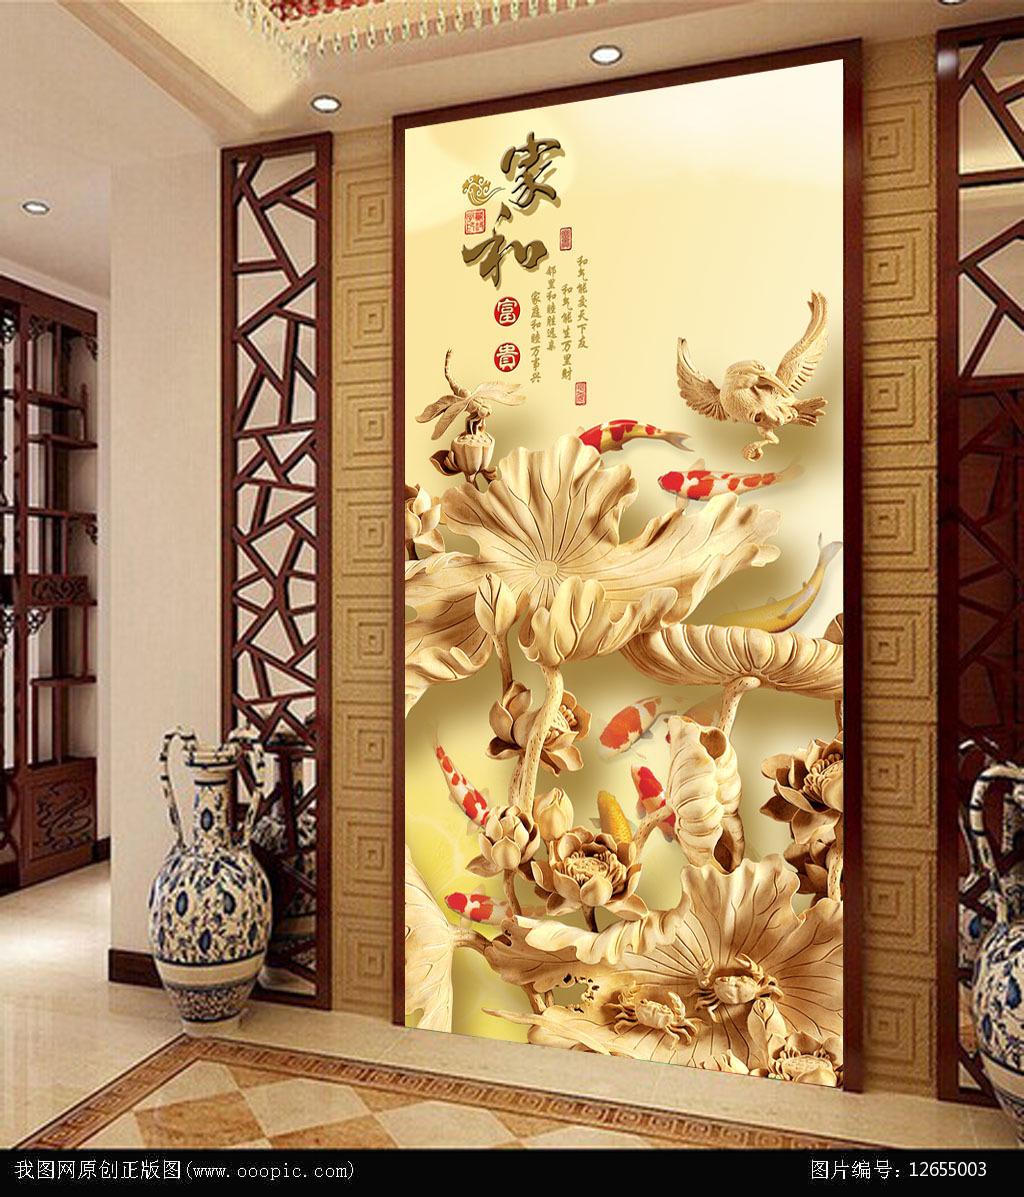 家和富贵水牡丹木雕三联装饰画无框画